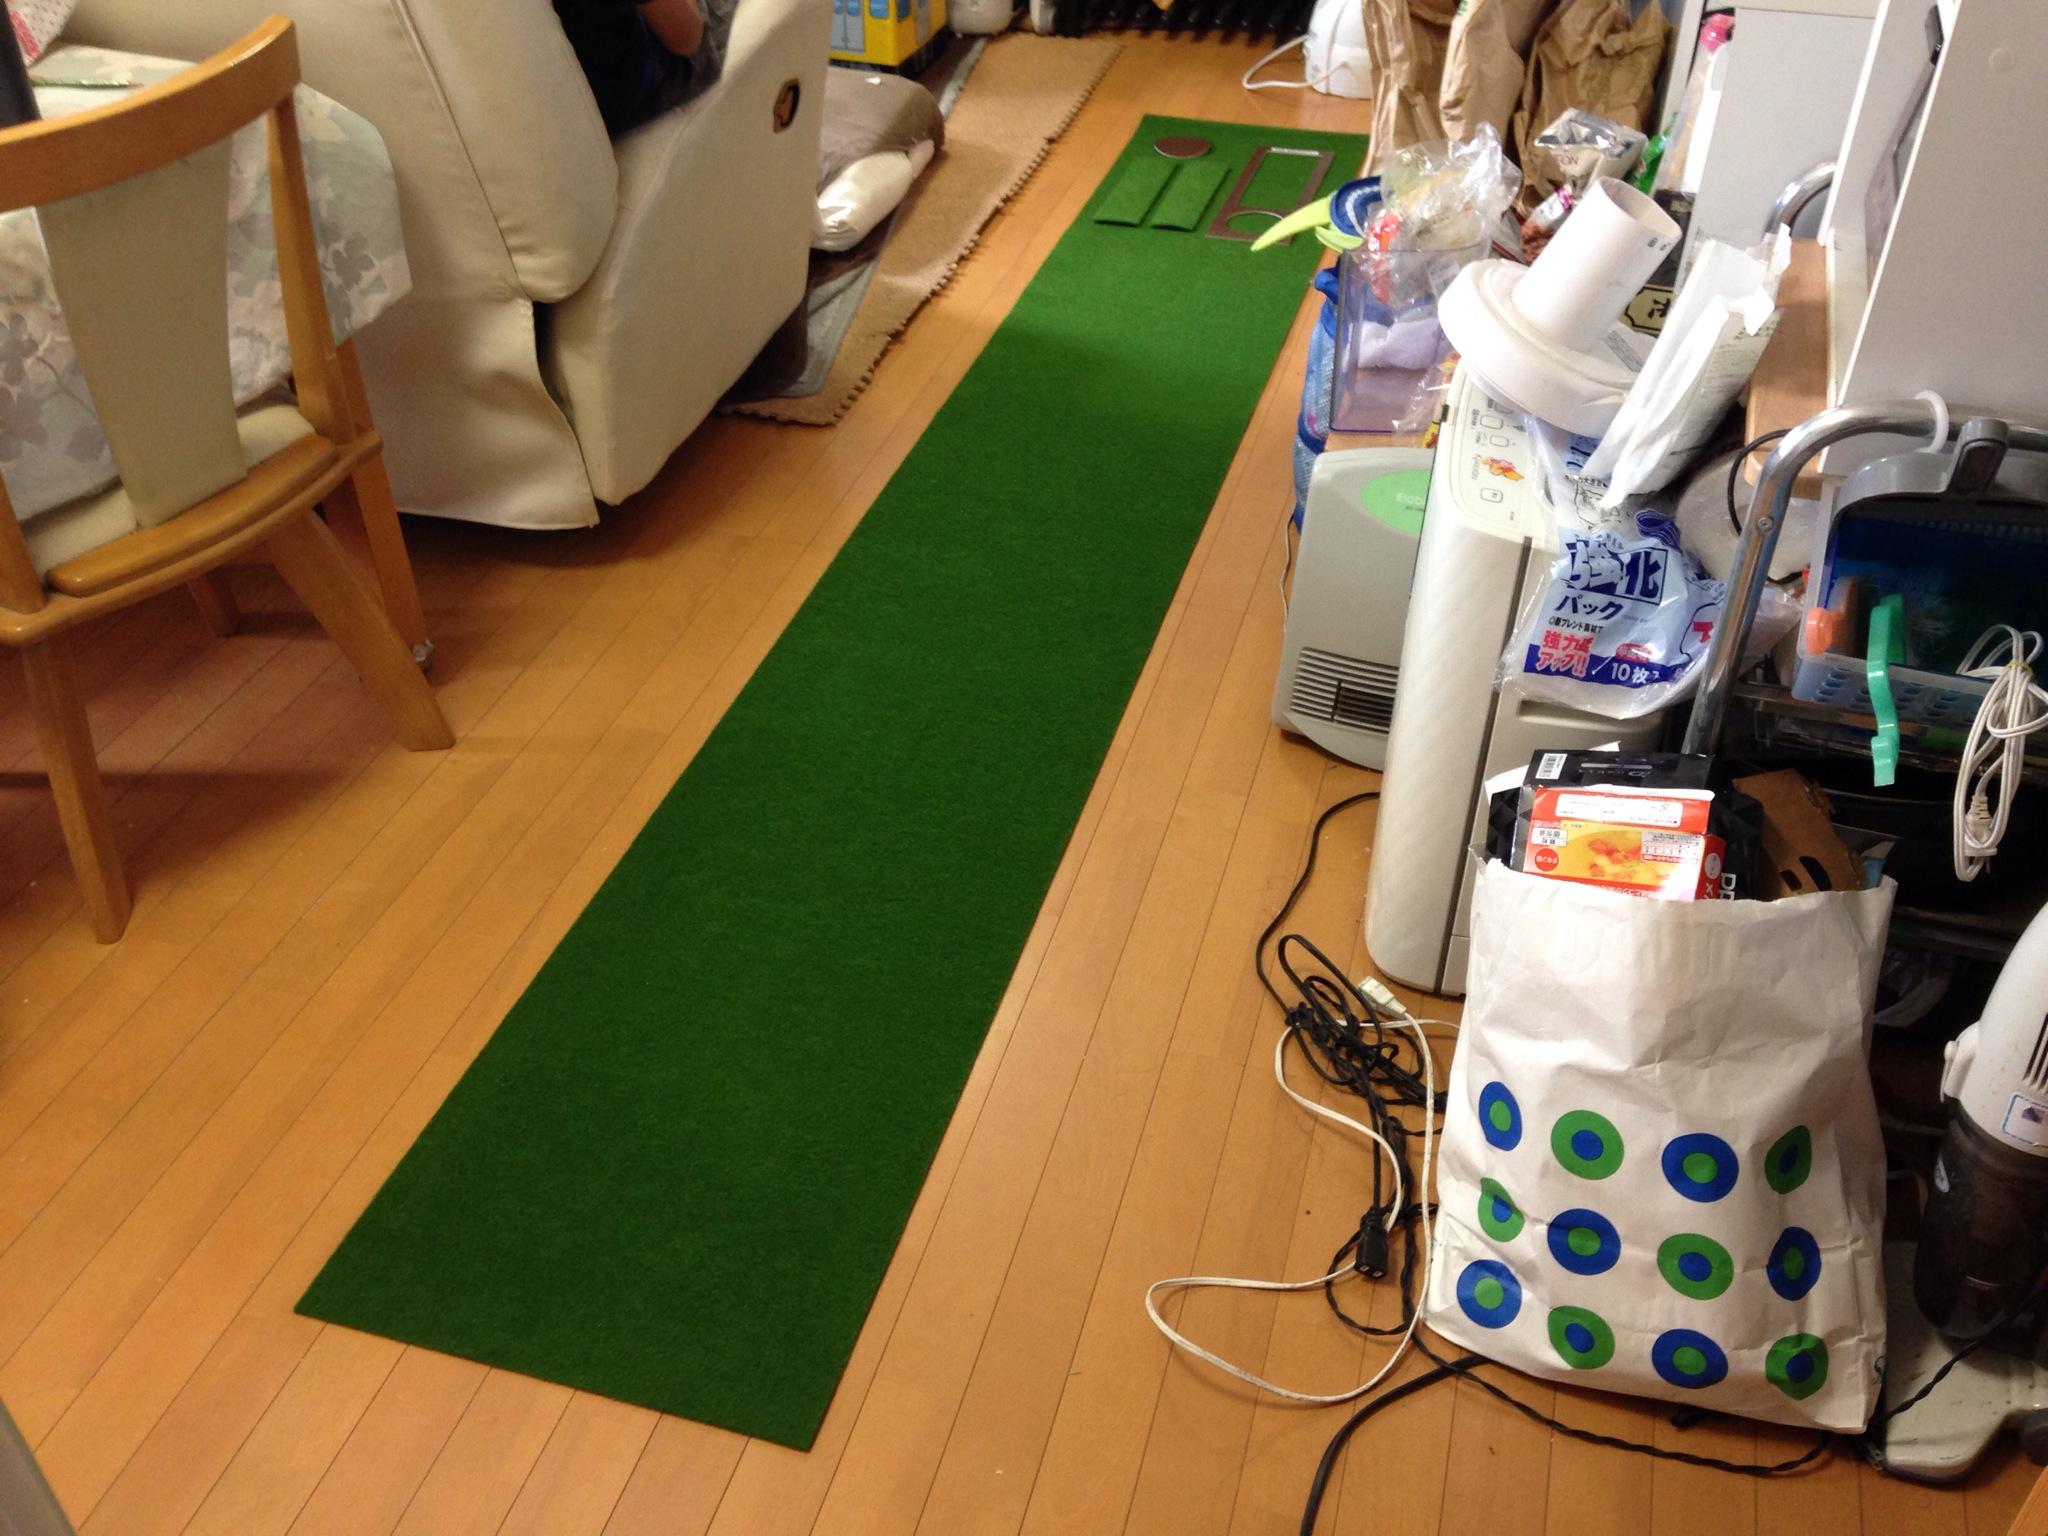 スーパーベントパターマット-自宅に3mパターマットを導入、本芝みたいグリーンがとにかく練習になる!